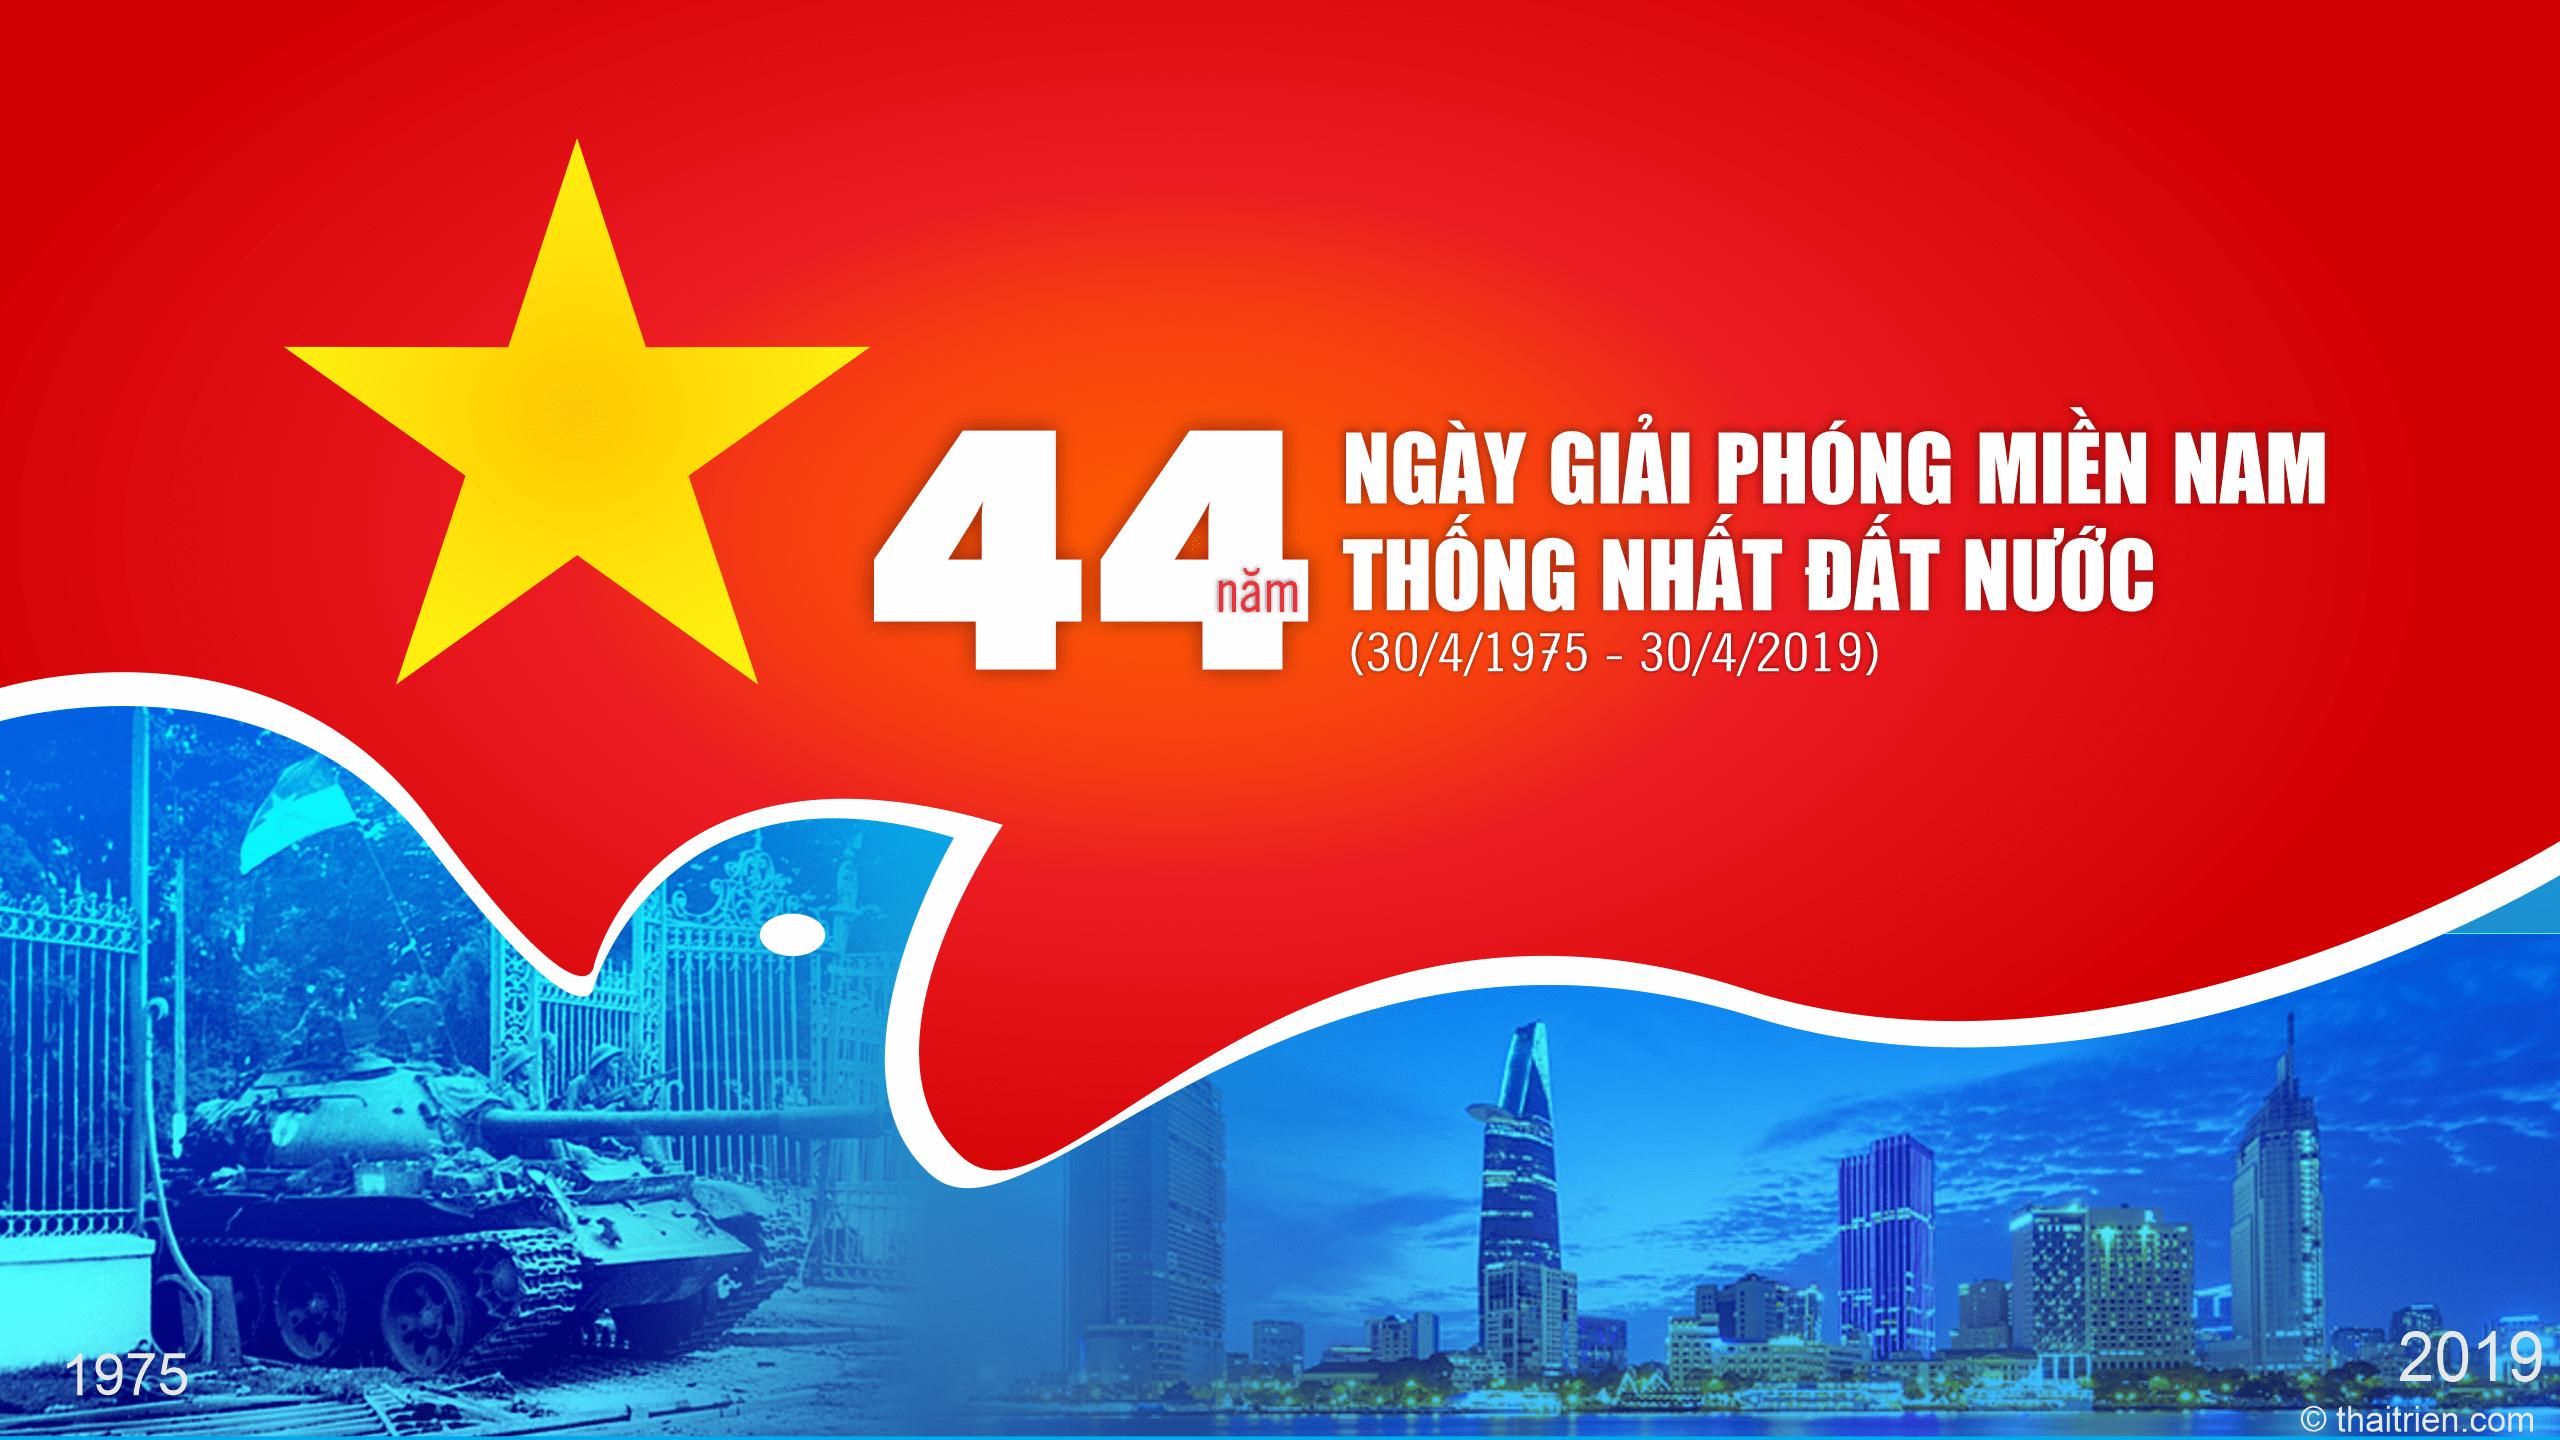 Chao Mừng Ngay Giải Phong Miền Nam 30 4 Trao Vui Nước Mắt Rưng Rưng Hội Nha Văn Thanh Phố Hồ Chi Minh